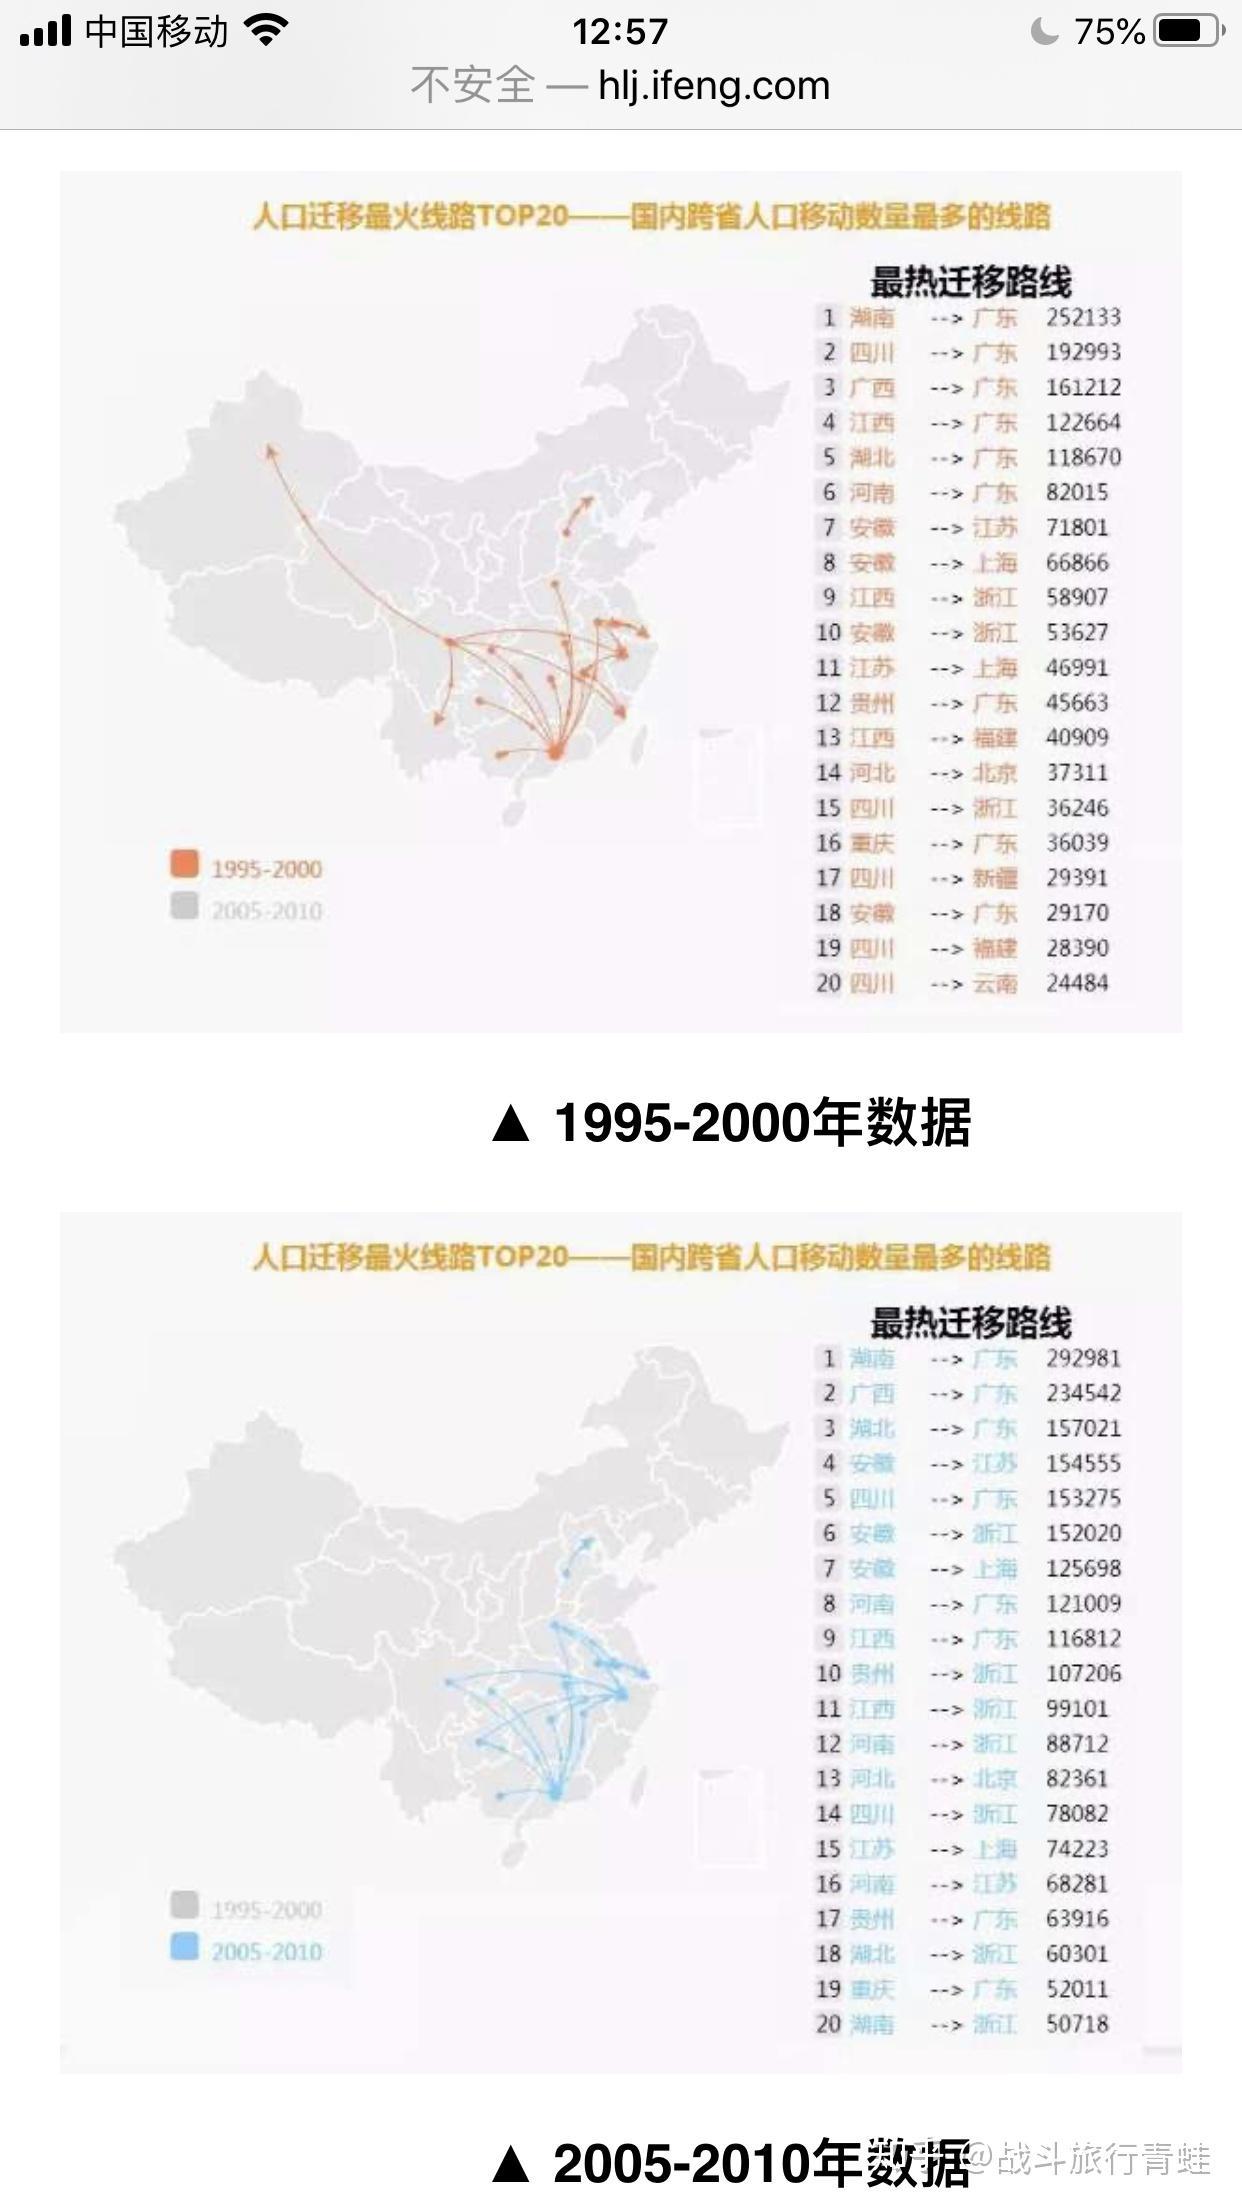 辽宁省总人口是多少_为什么媒体总说东北人口外流? - 知乎